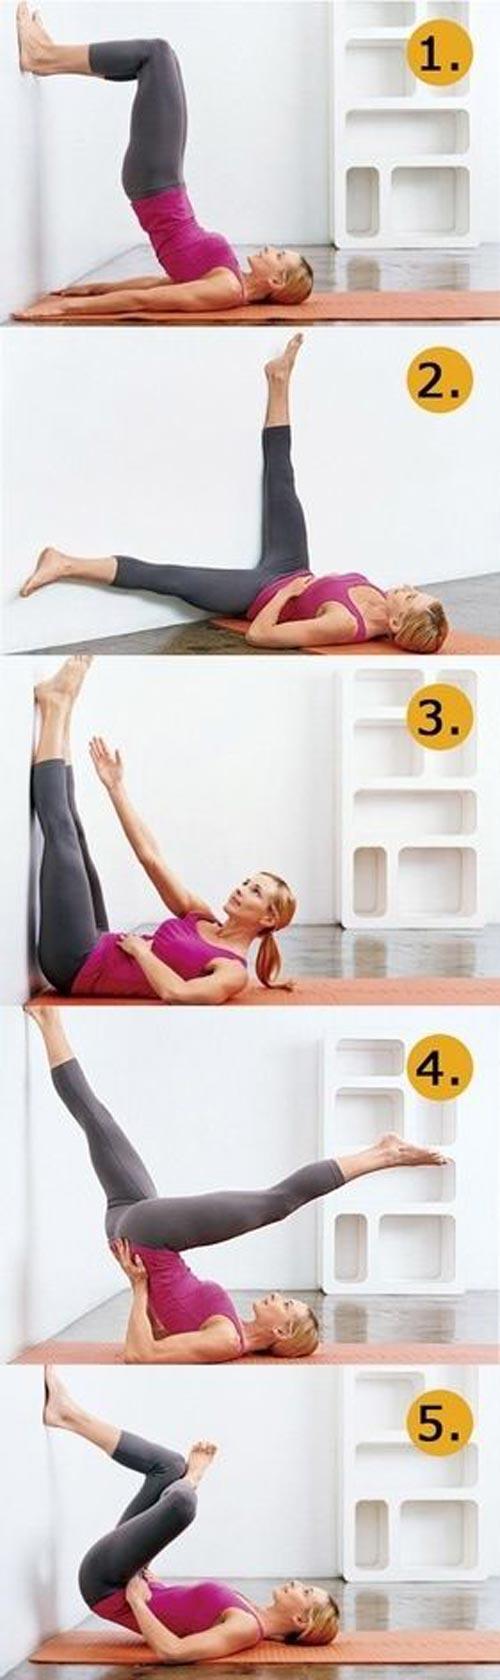 8 bai tap yoga tai nha cho dang xinh chang me tit - 7